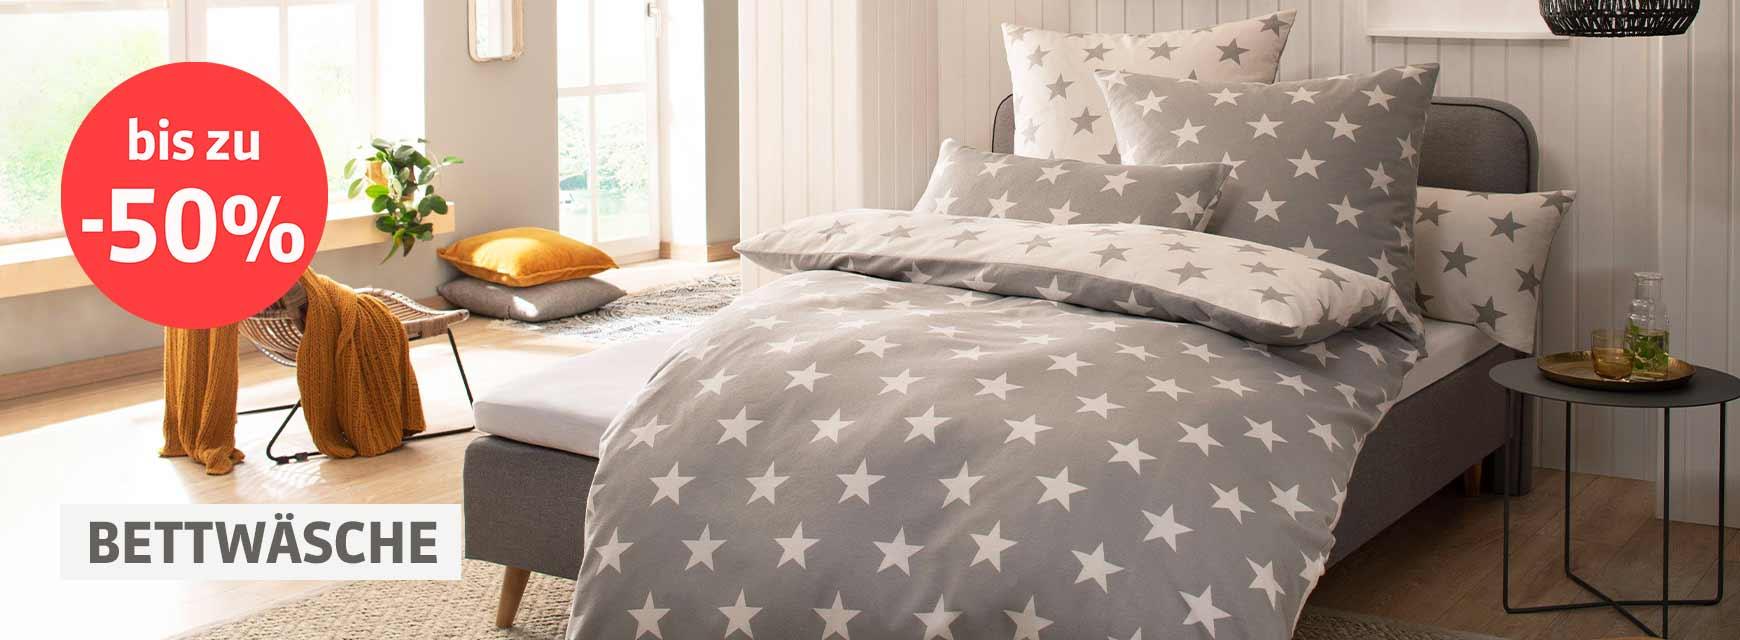 Full Size of Bettwsche Bettbezug Online Kaufen Schlafweltde Betten Für Teenager Bettwäsche Sprüche Wohnzimmer Bettwäsche Teenager